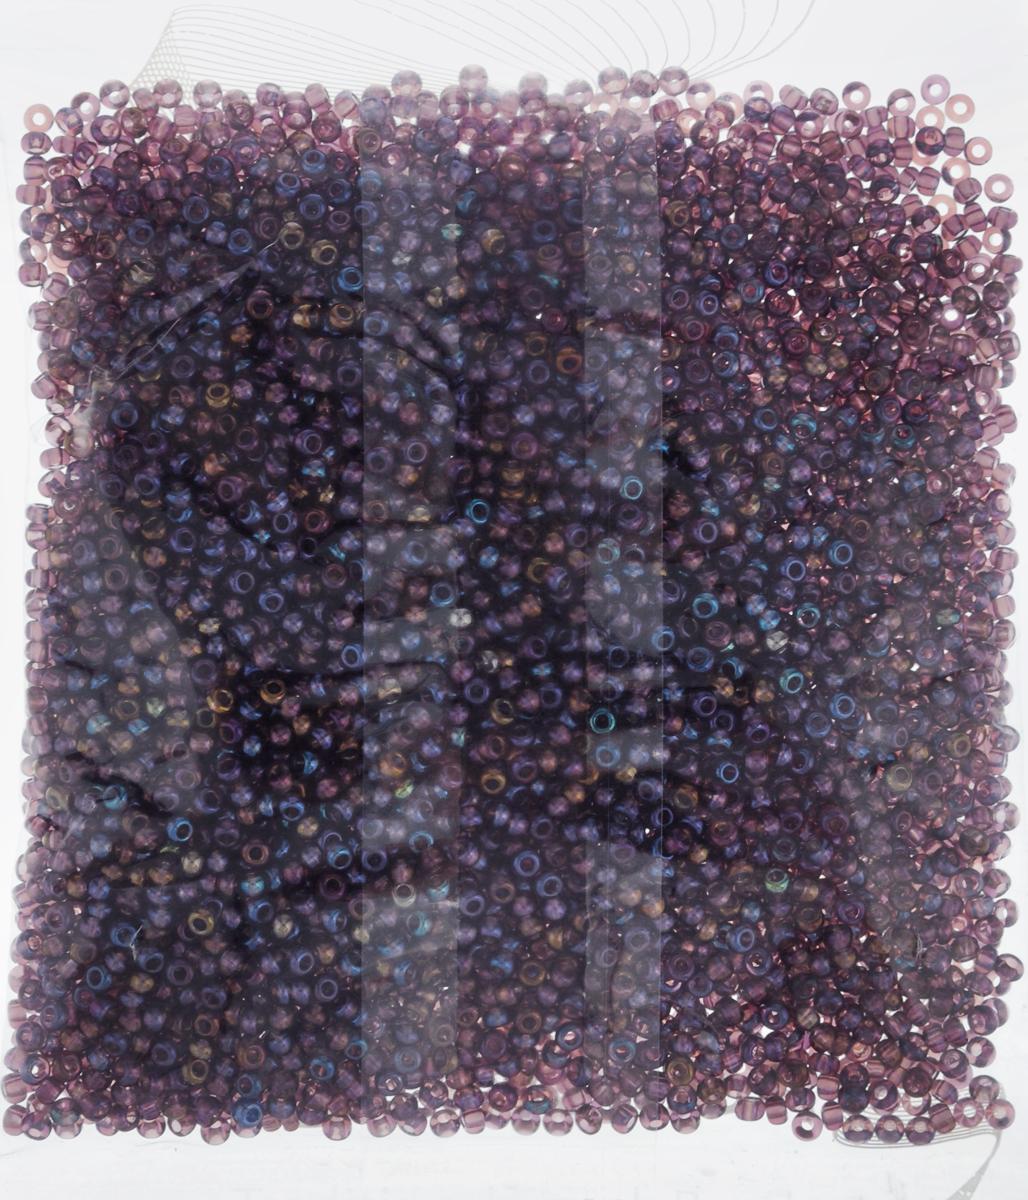 Бисер Preciosa Ассорти, непрозрачный, с радужным покрытием, цвет: темно-фиолетовый (11), 10/0, 50 г163142_11_фиолетовыйБисер Preciosa Ассорти, изготовленный из стекла круглой формы, позволит вам своими руками создать оригинальные ожерелья, бусы или браслеты, а также заняться вышиванием. В бисероплетении часто используют бисер разных размеров и цветов. Он идеально подойдет для вышивания на предметах быта и женской одежде. Изготовление украшений - занимательное хобби и реализация творческих способностей рукодельницы, это возможность создания неповторимого индивидуального подарка.